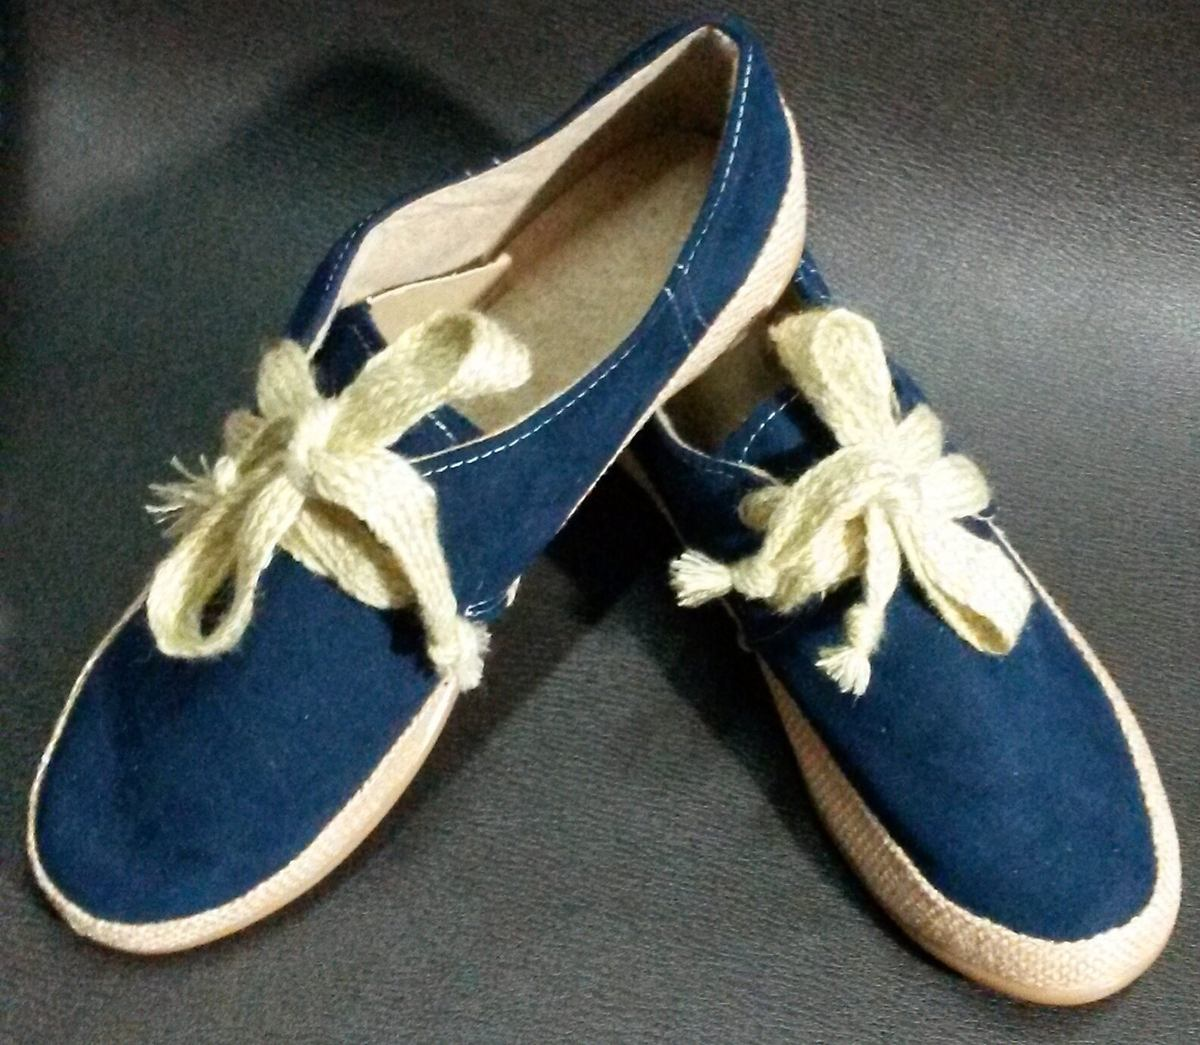 0c30683d Calzado-zapatos Tipo Tenis/tipicos/artesanales De Chiapas ...